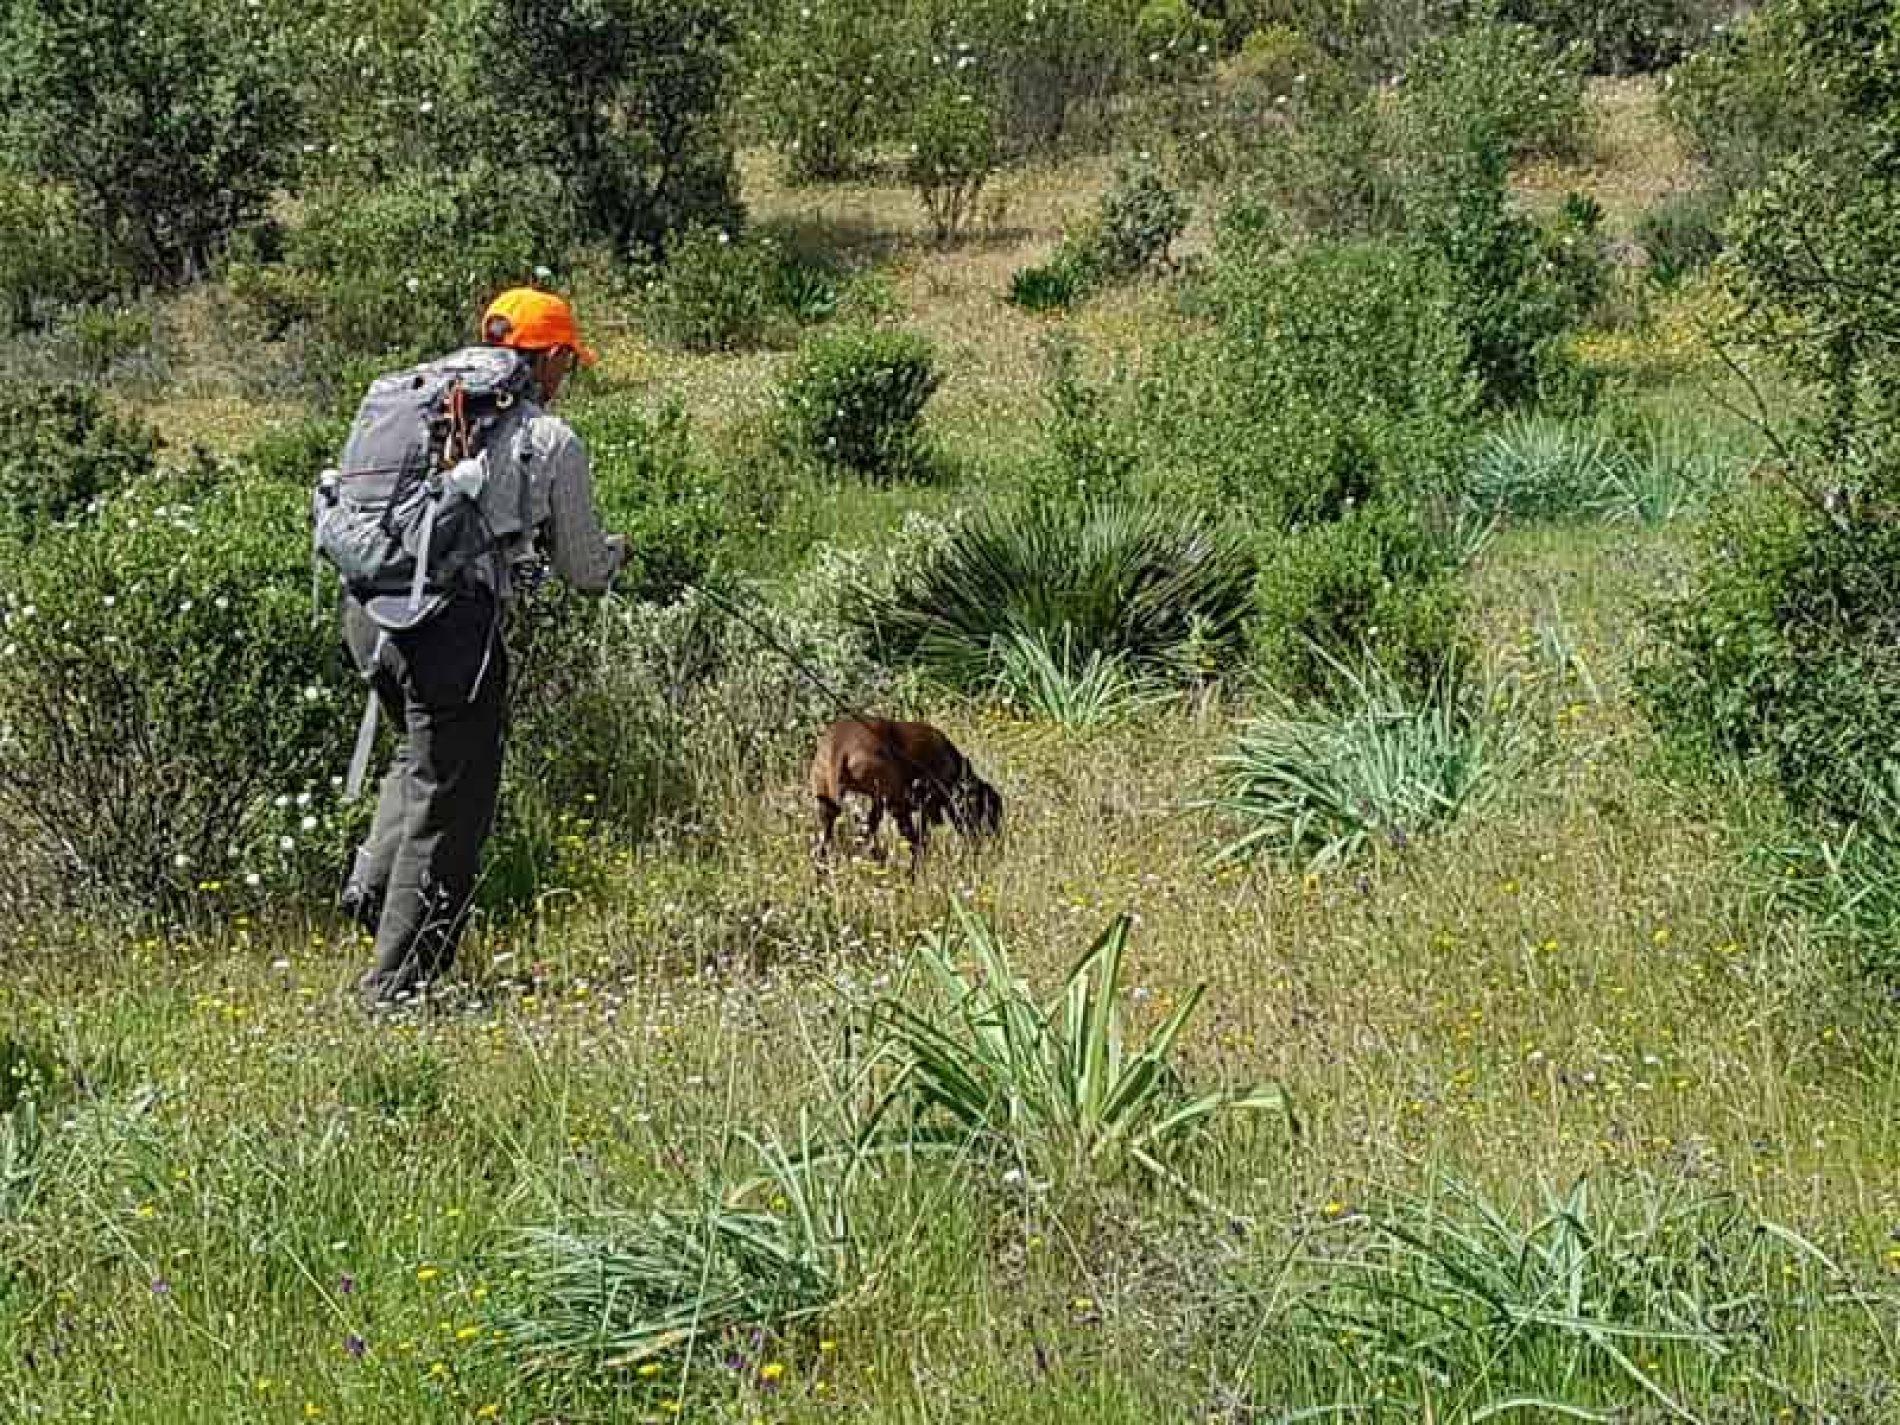 Pruebas de acreditación como conductores de perros de sangre en Andalucía